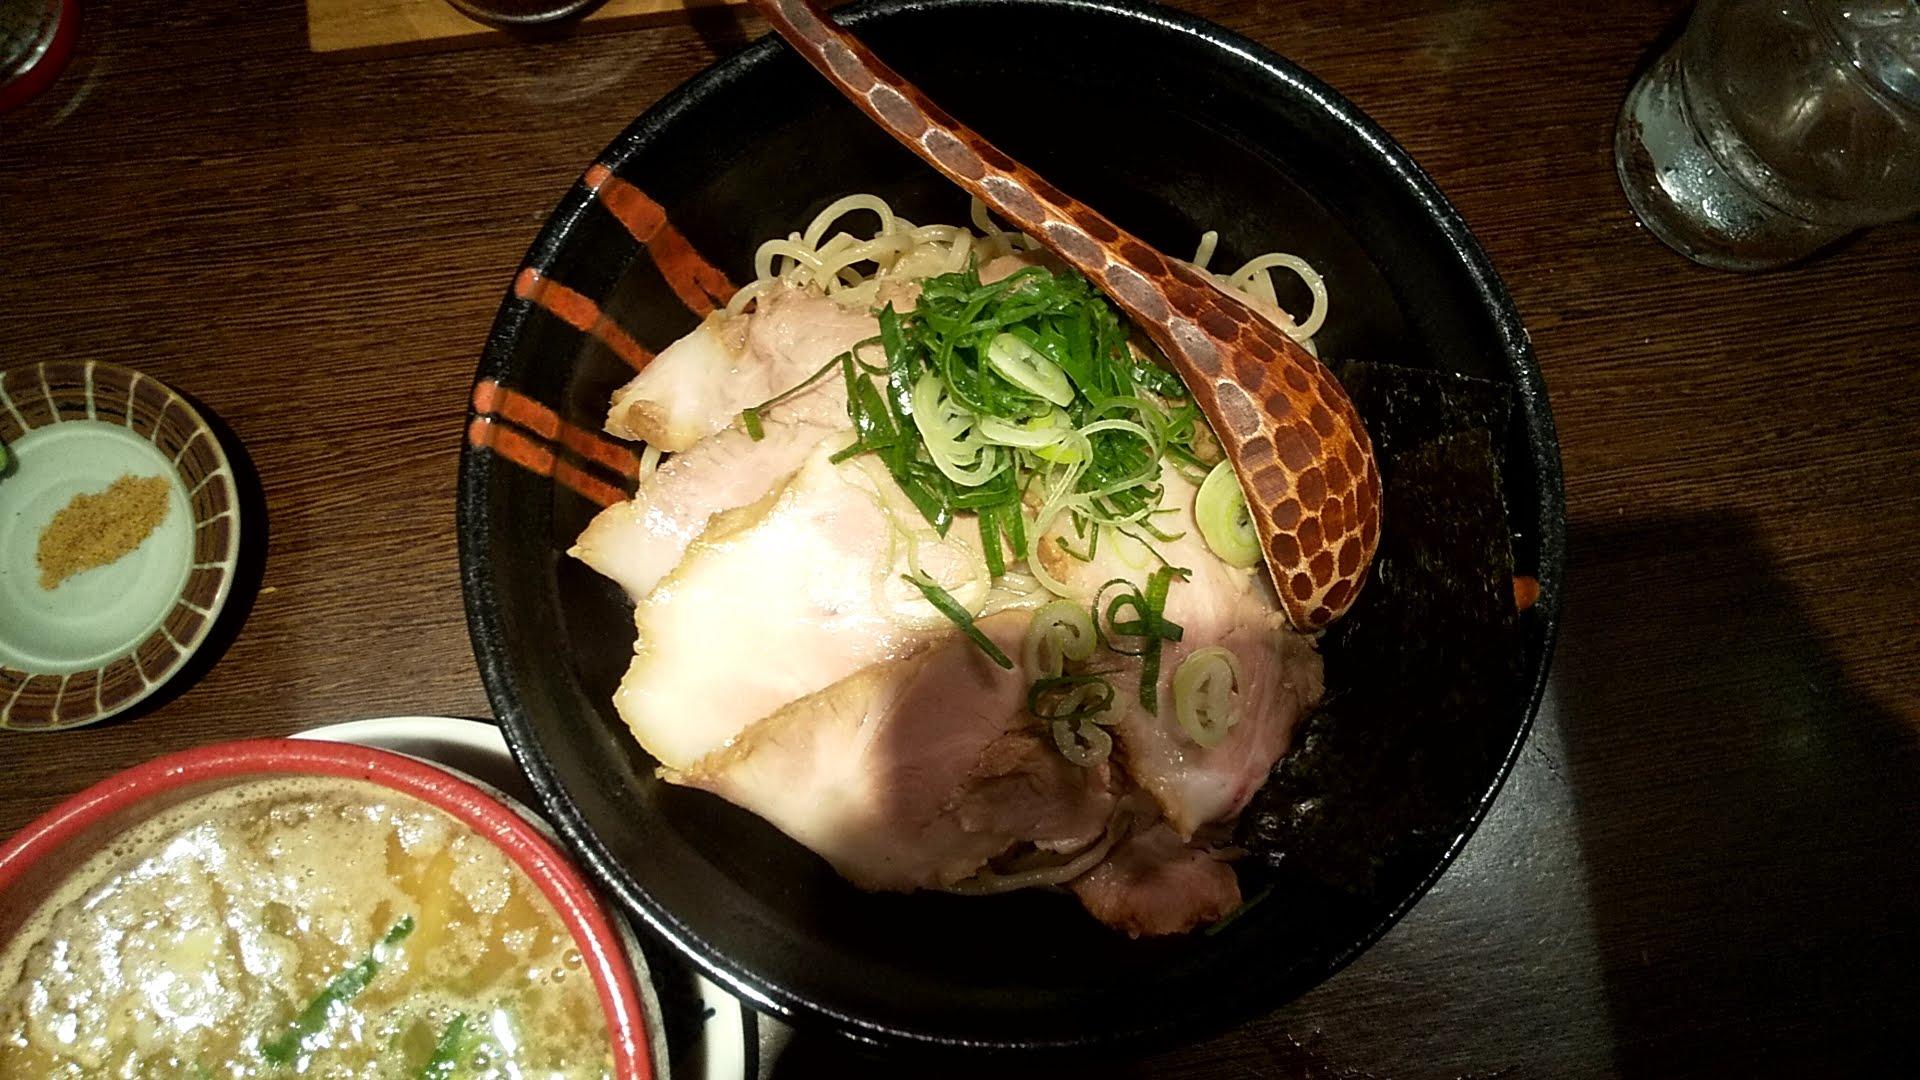 むささんじんのつけ麺の麺皿